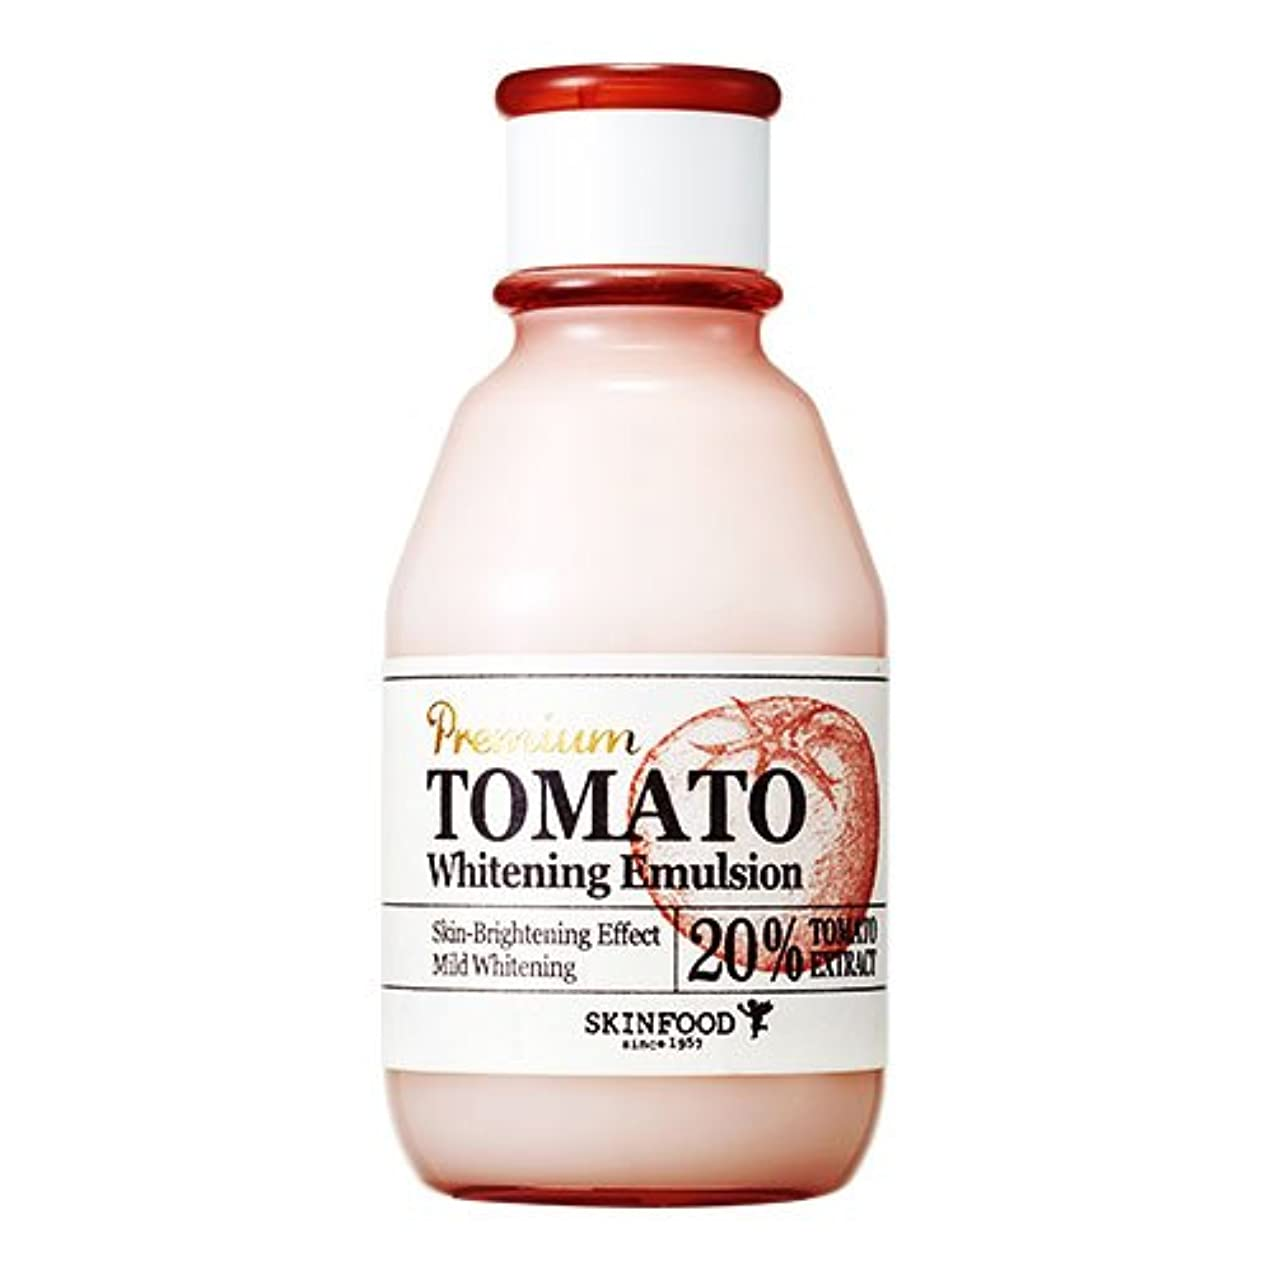 未払い悪党適切な[スキンフード] SKINFOOD プレミアムトマトホワイトニングエマルジョン Premium Tomato Whitening Emulsion (海外直送品) [並行輸入品]